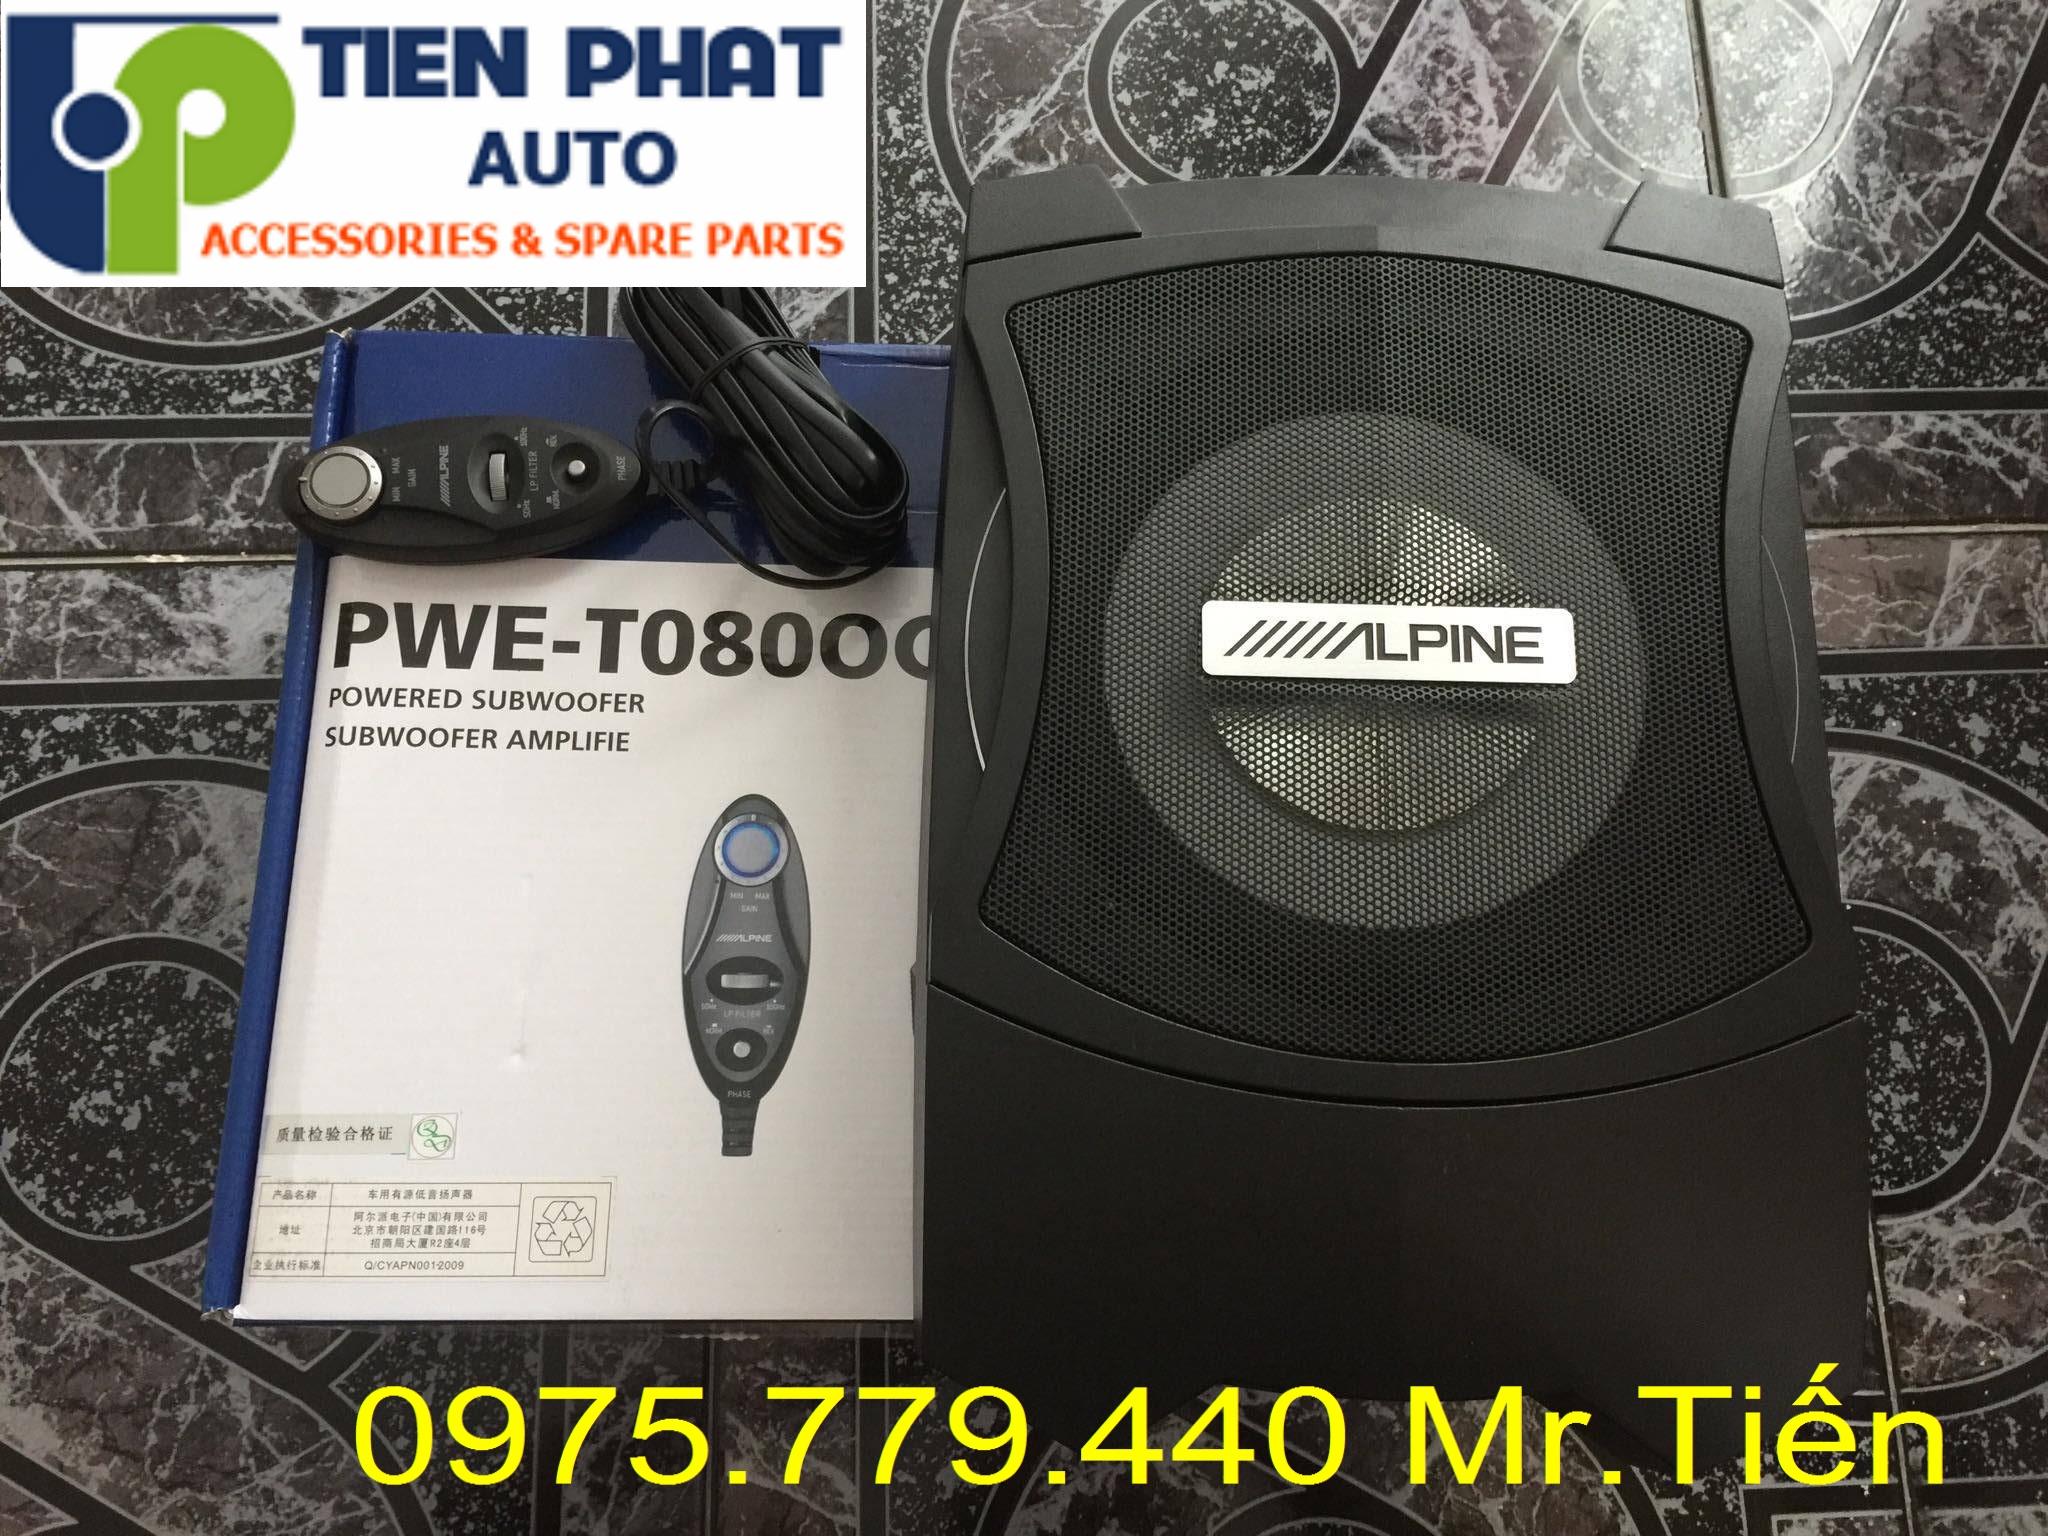 Lắp Loa sub Alpine PWE-T0800C cho Grand I10 Lắp Đặt Tận Nơi